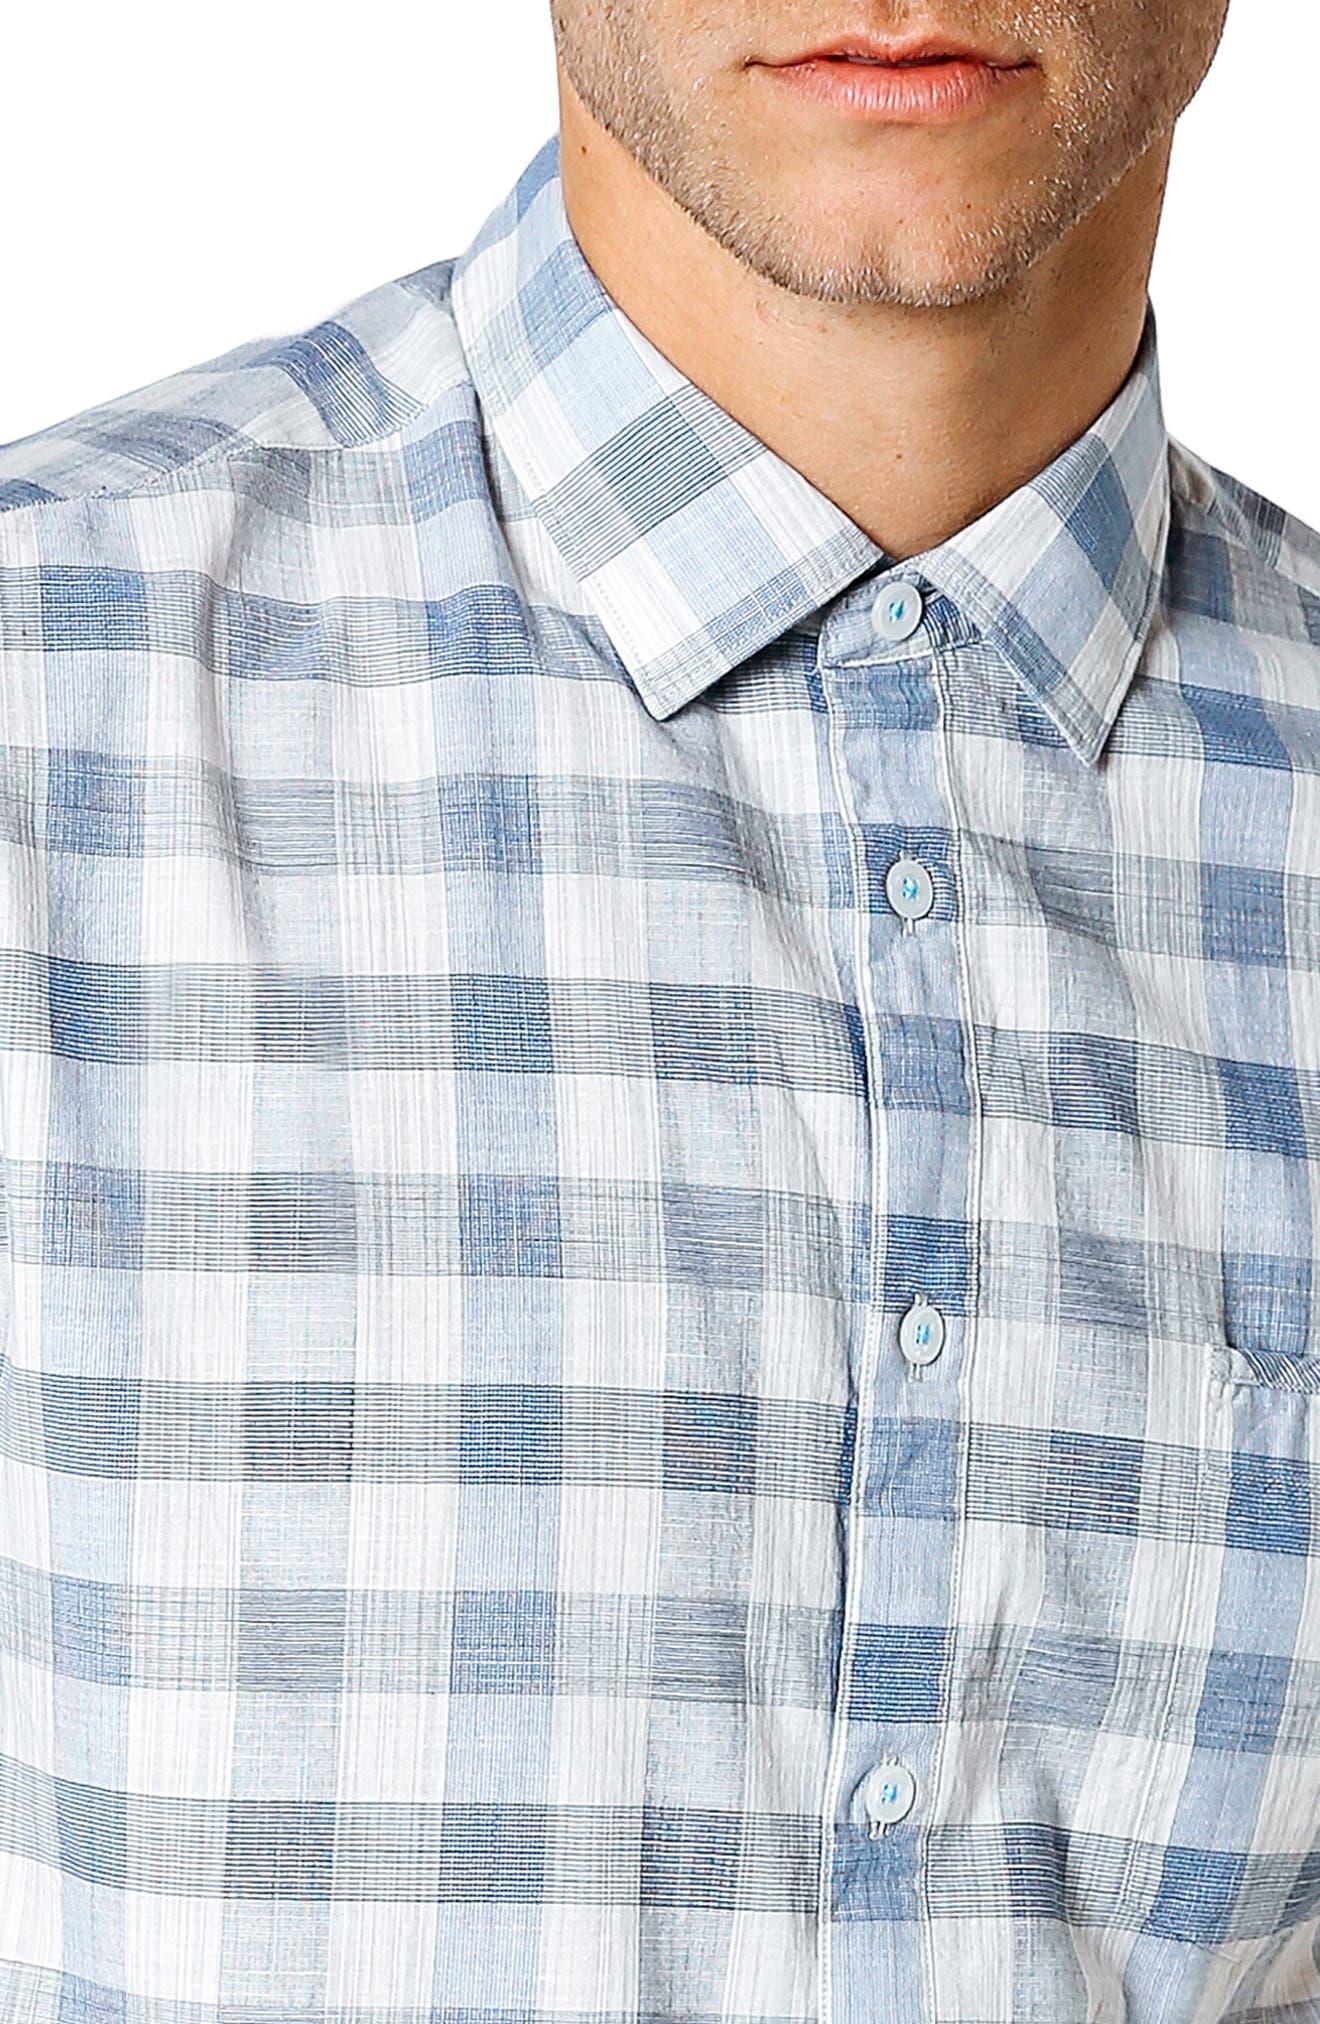 Trim Fit Check Sport Shirt,                             Alternate thumbnail 4, color,                             Blue